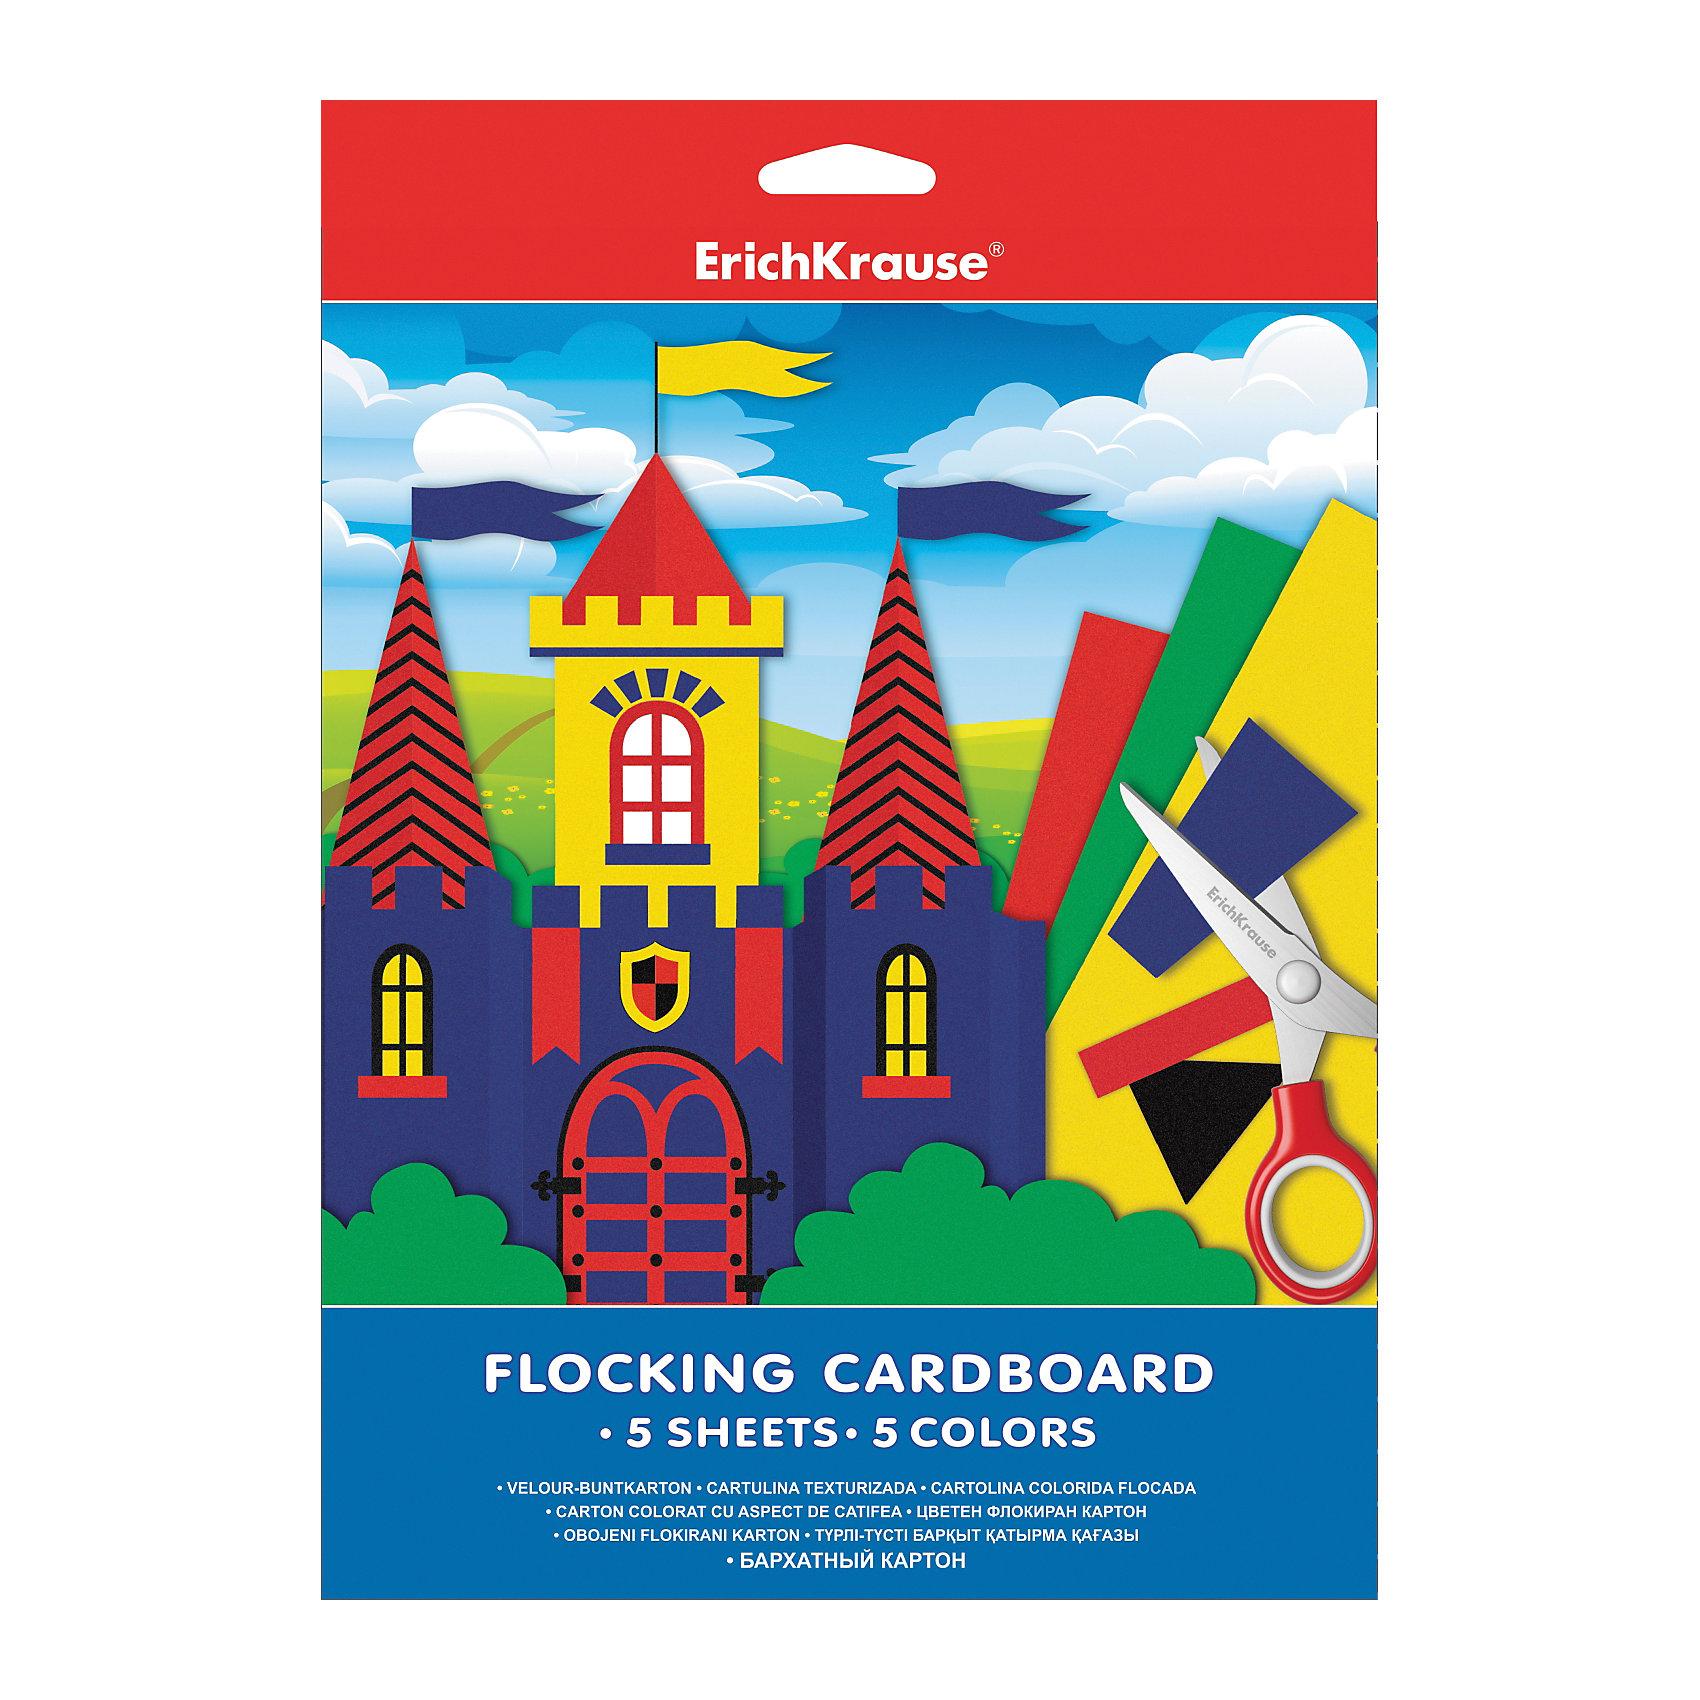 ErichKrause Бархатный картон А4 (5 листов, 5 цветов) фетр цветное для творчества 5 листов 5 цветов а4 оттенки зеленого 660643